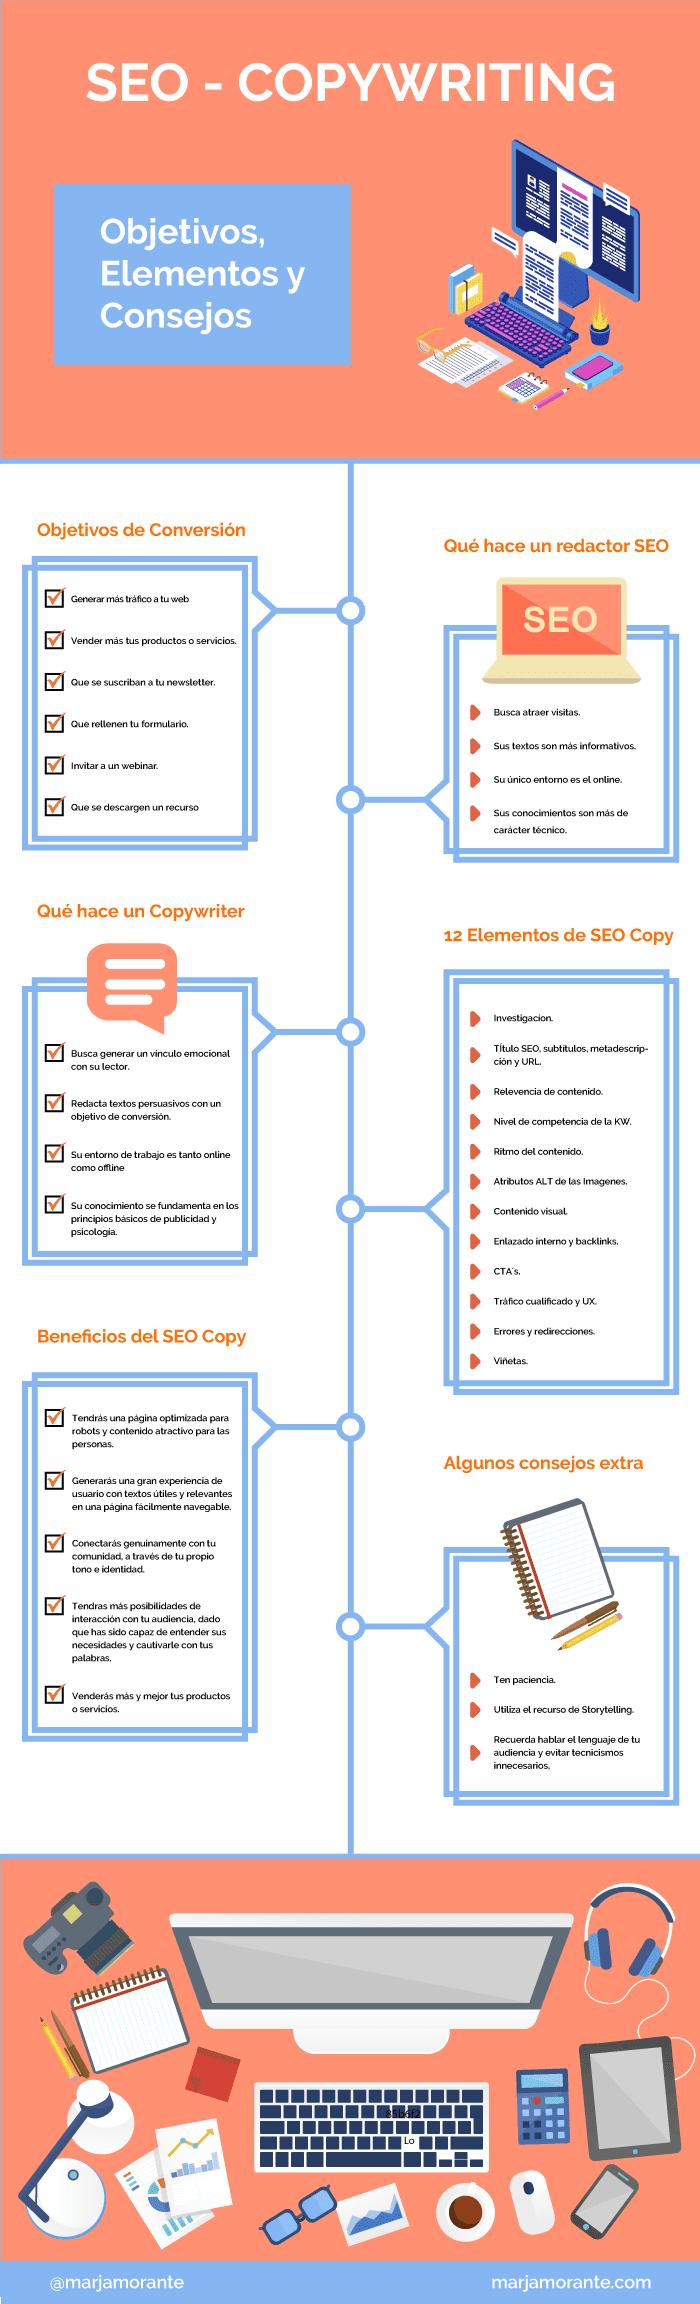 infografia seo copy